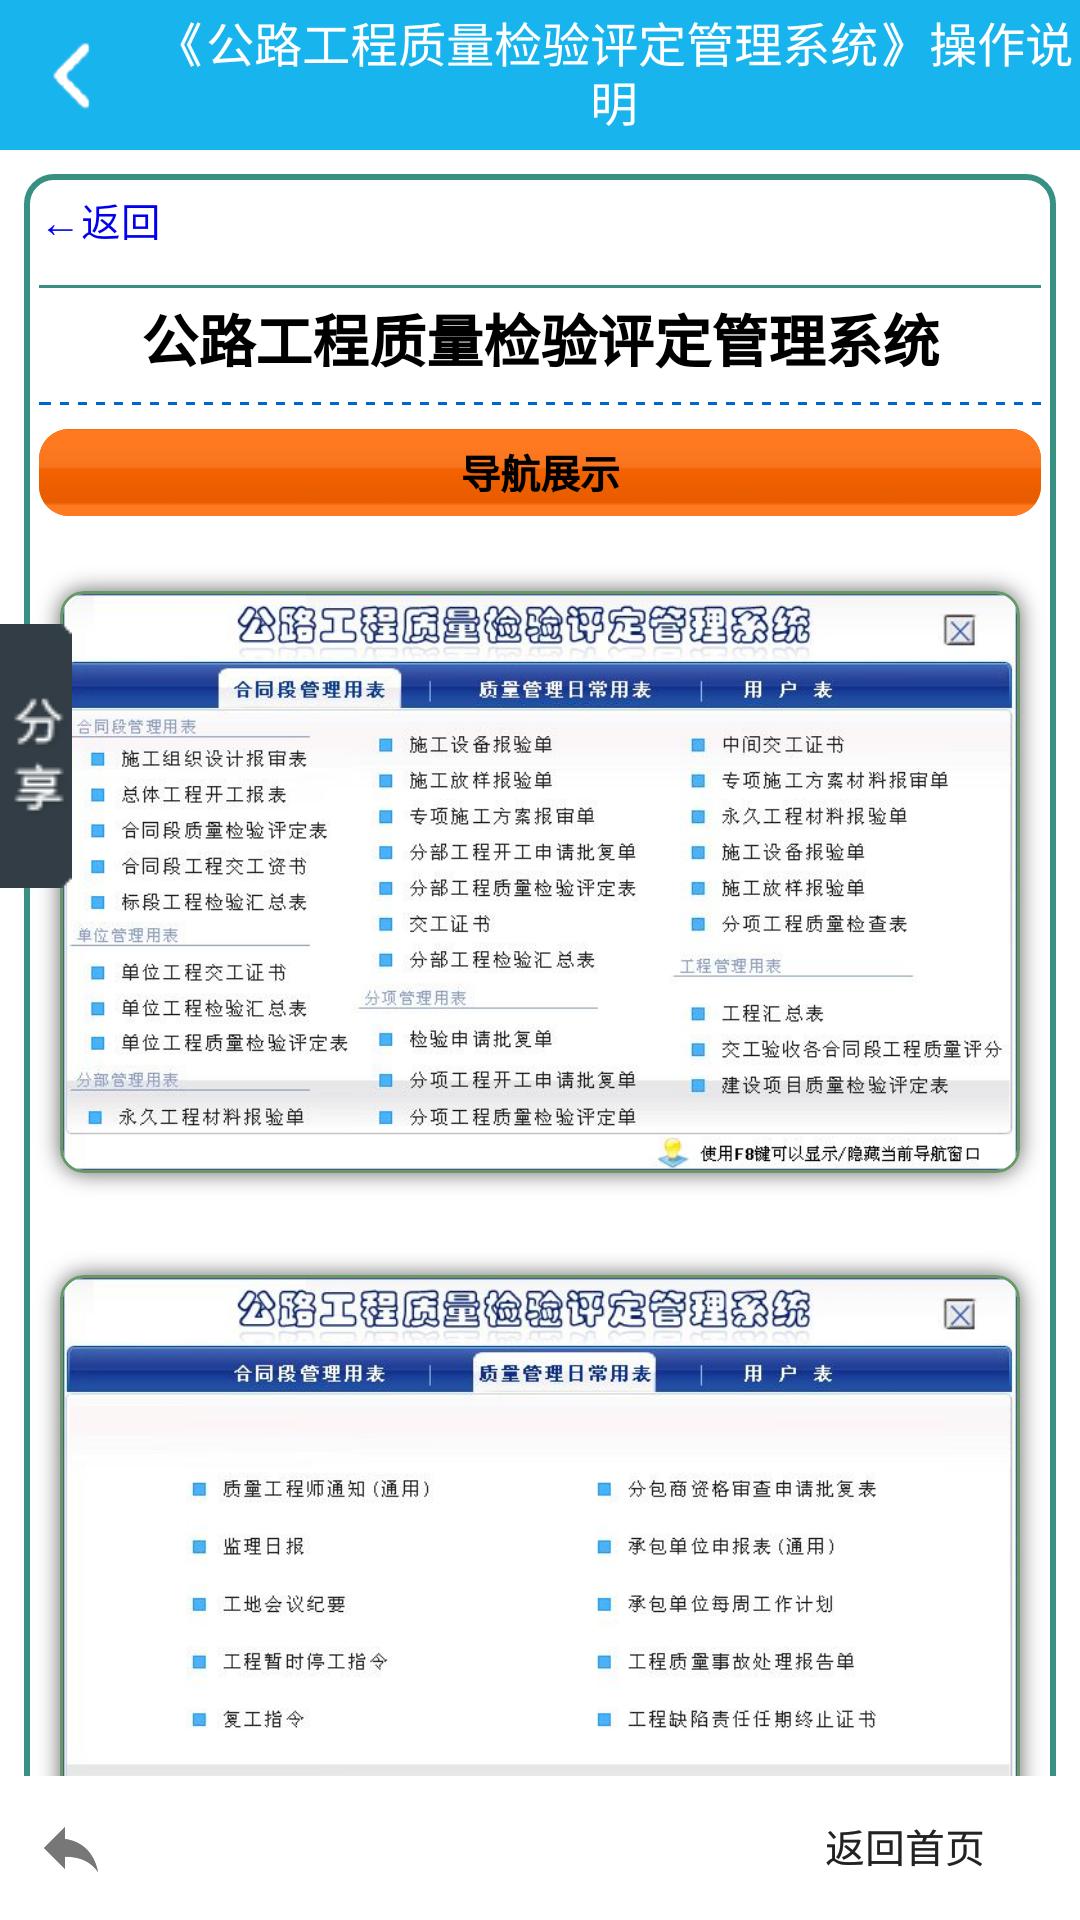 工程质量管理系统